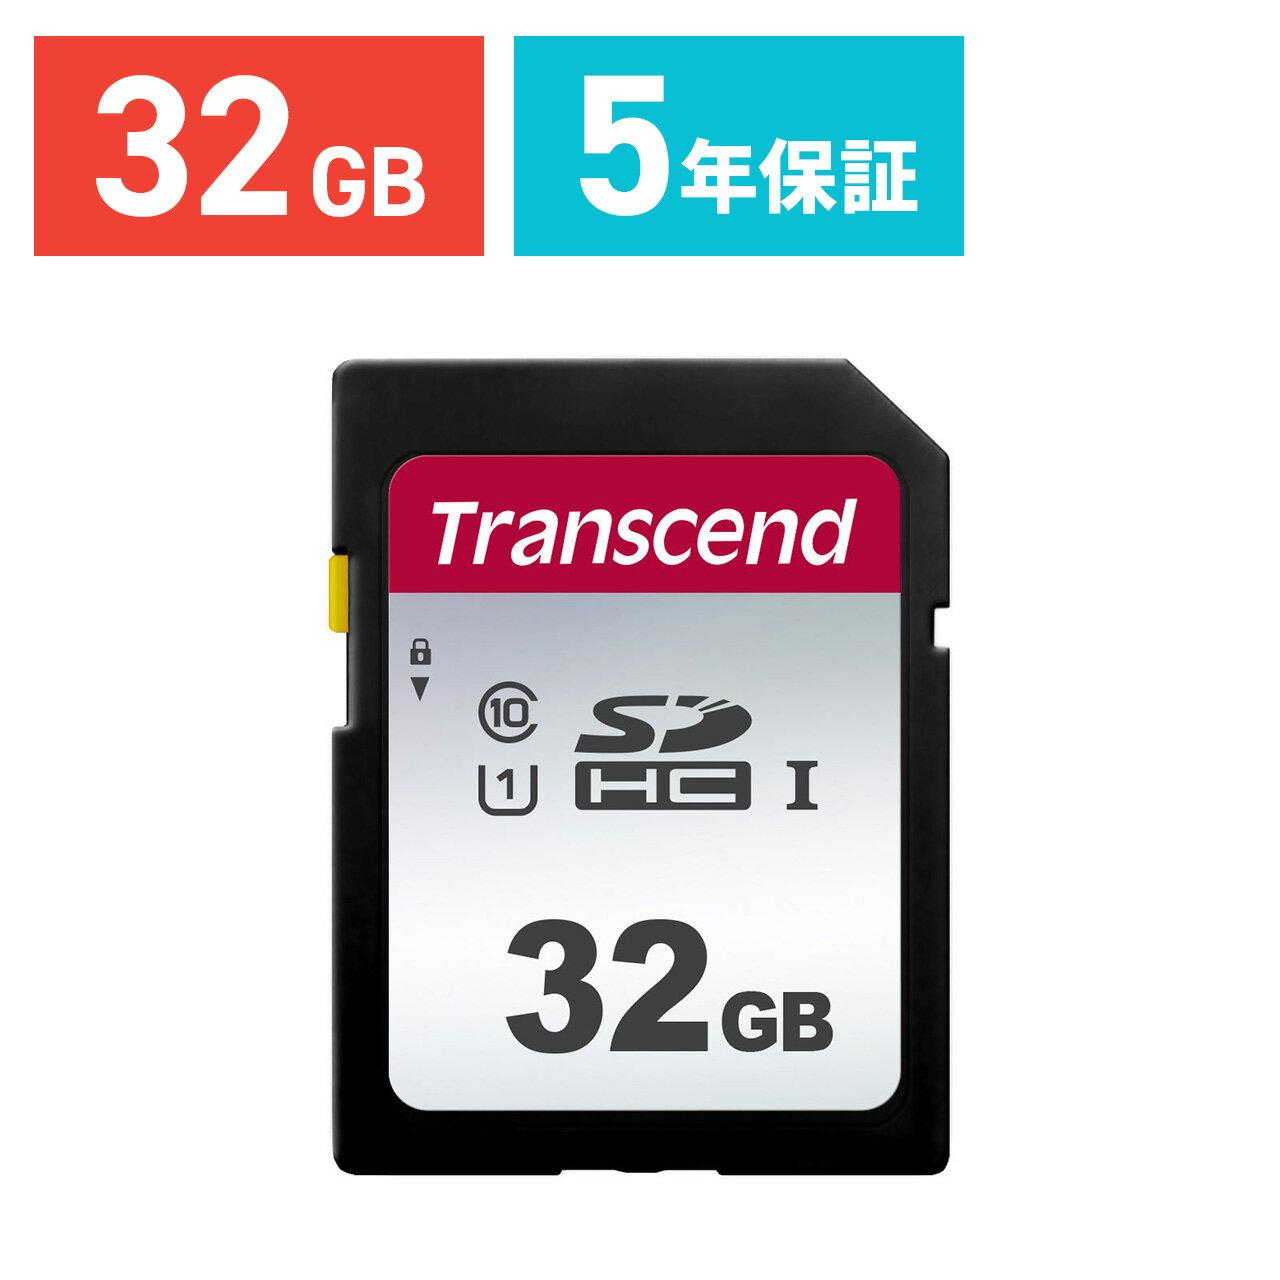 【今だけおまけ付!】ネコポス専用】Transcend SDカード 32GB Class10 UHS-I SDHCカード 5年保証 メモリーカード クラス10 入学 卒業 32[TS32GSDC300S]【送料無料】